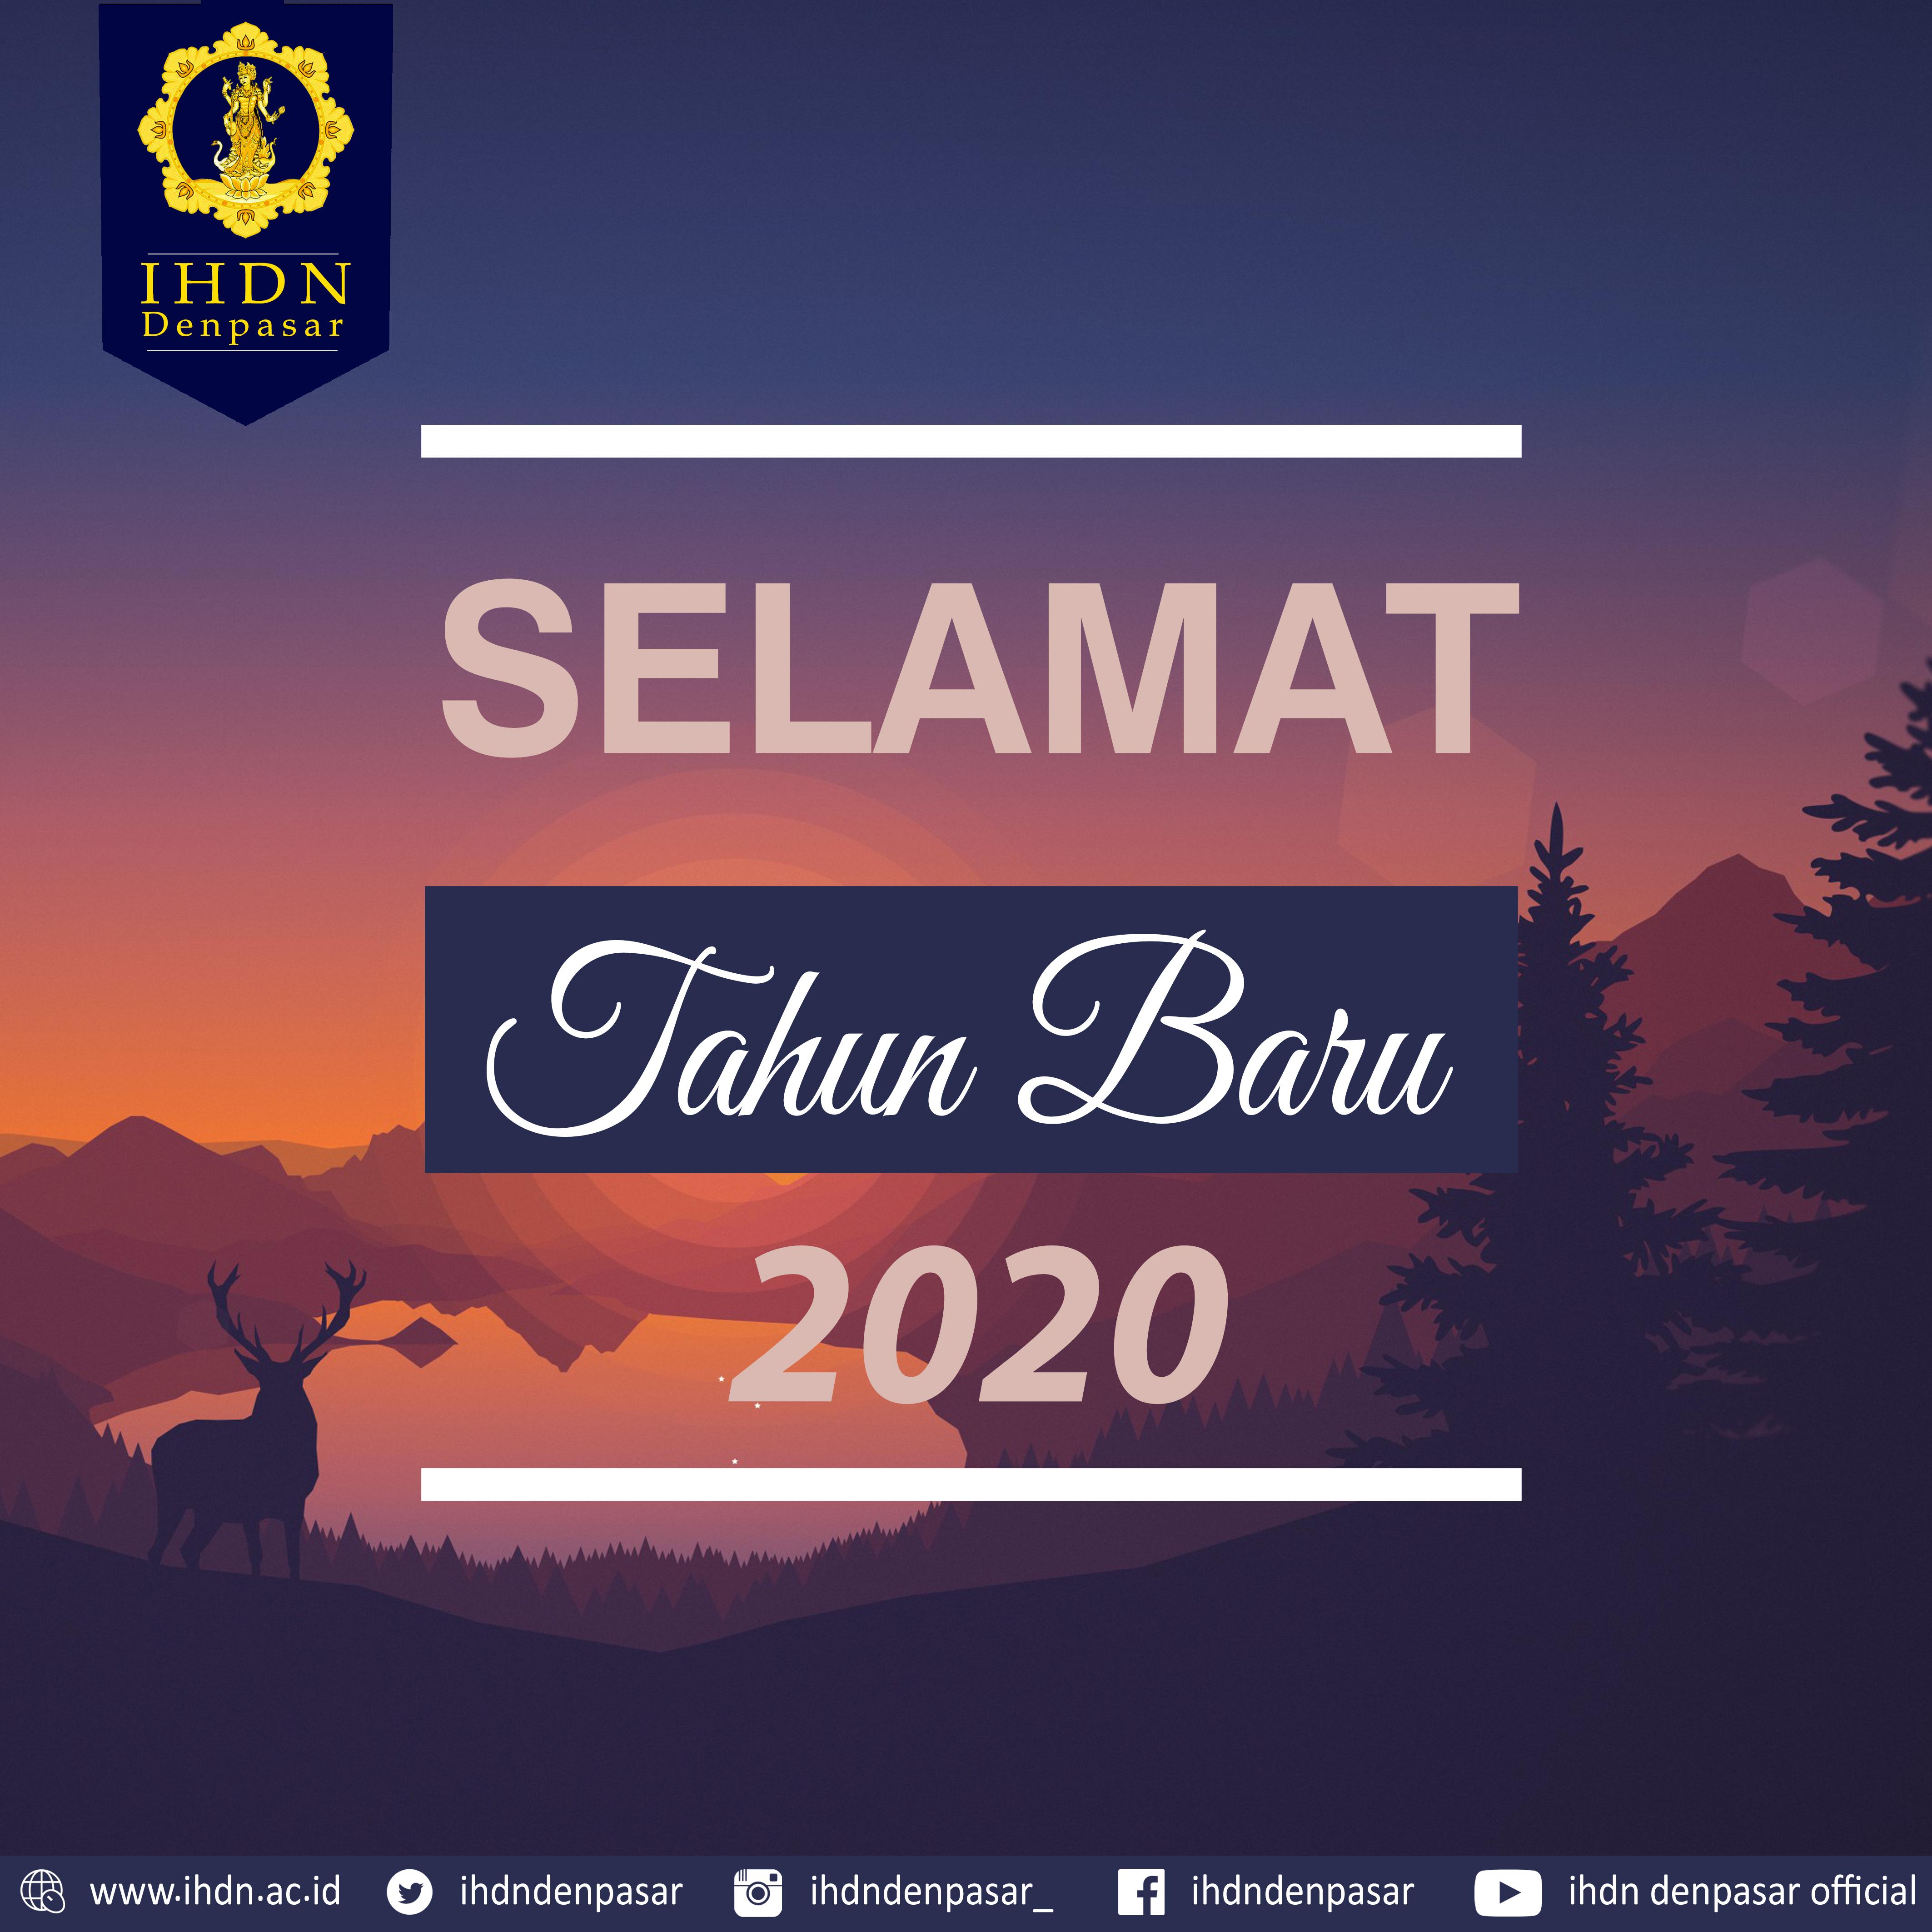 SELAMAT TAHUN BARU 202O